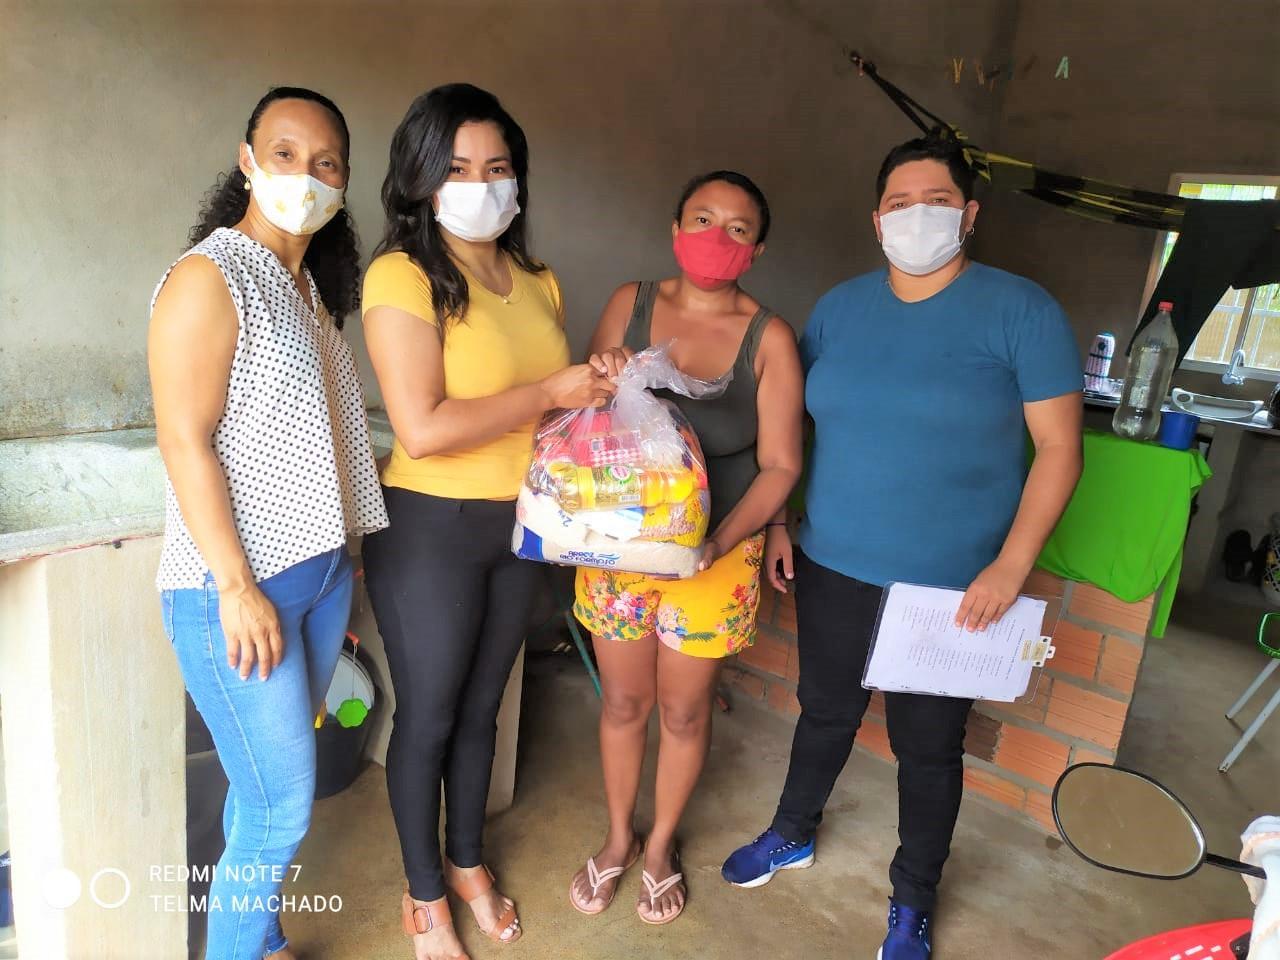 refeitura realiza ações sociais para amenizar impacto da pandemia em Ananás